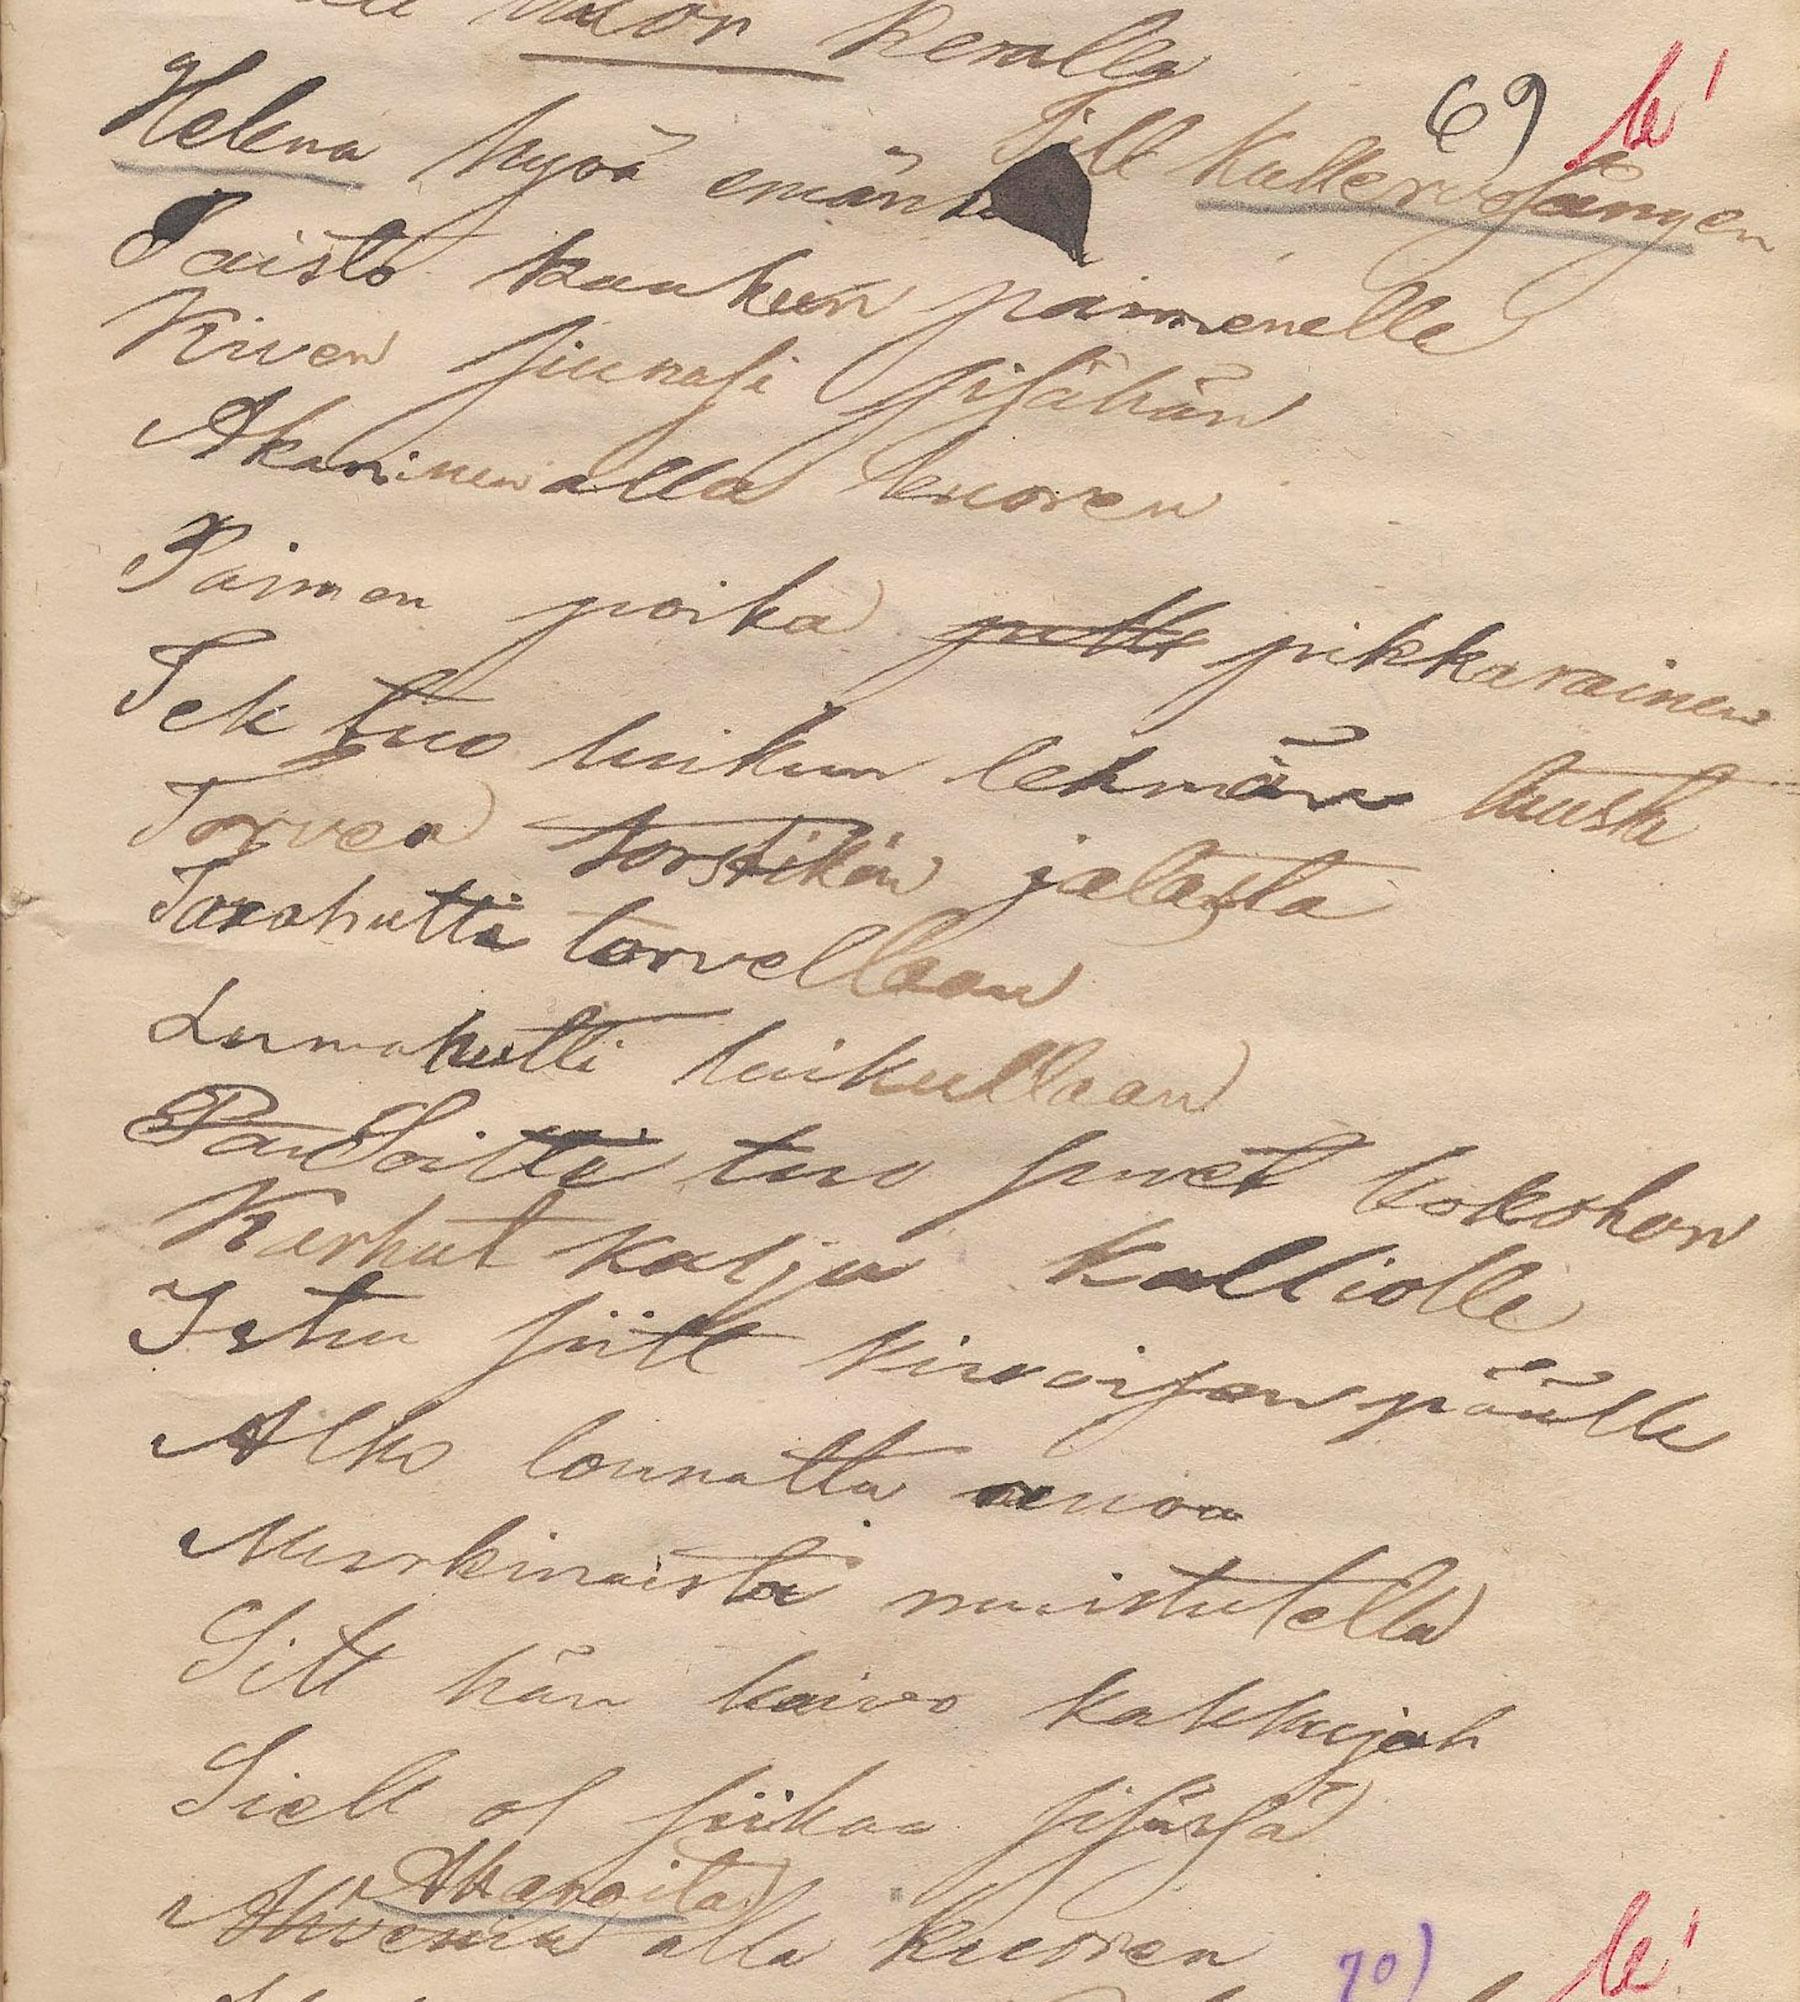 Kalevanpojan kosto -runon D.E.D. Europaeus kirjoitti muistiin kuudennella keruumatkallaan Tyrön tienoolla, vuonna 1853. SKS KRA, D.E.D. Europaeuksen kokoelma. CC BY 4.0